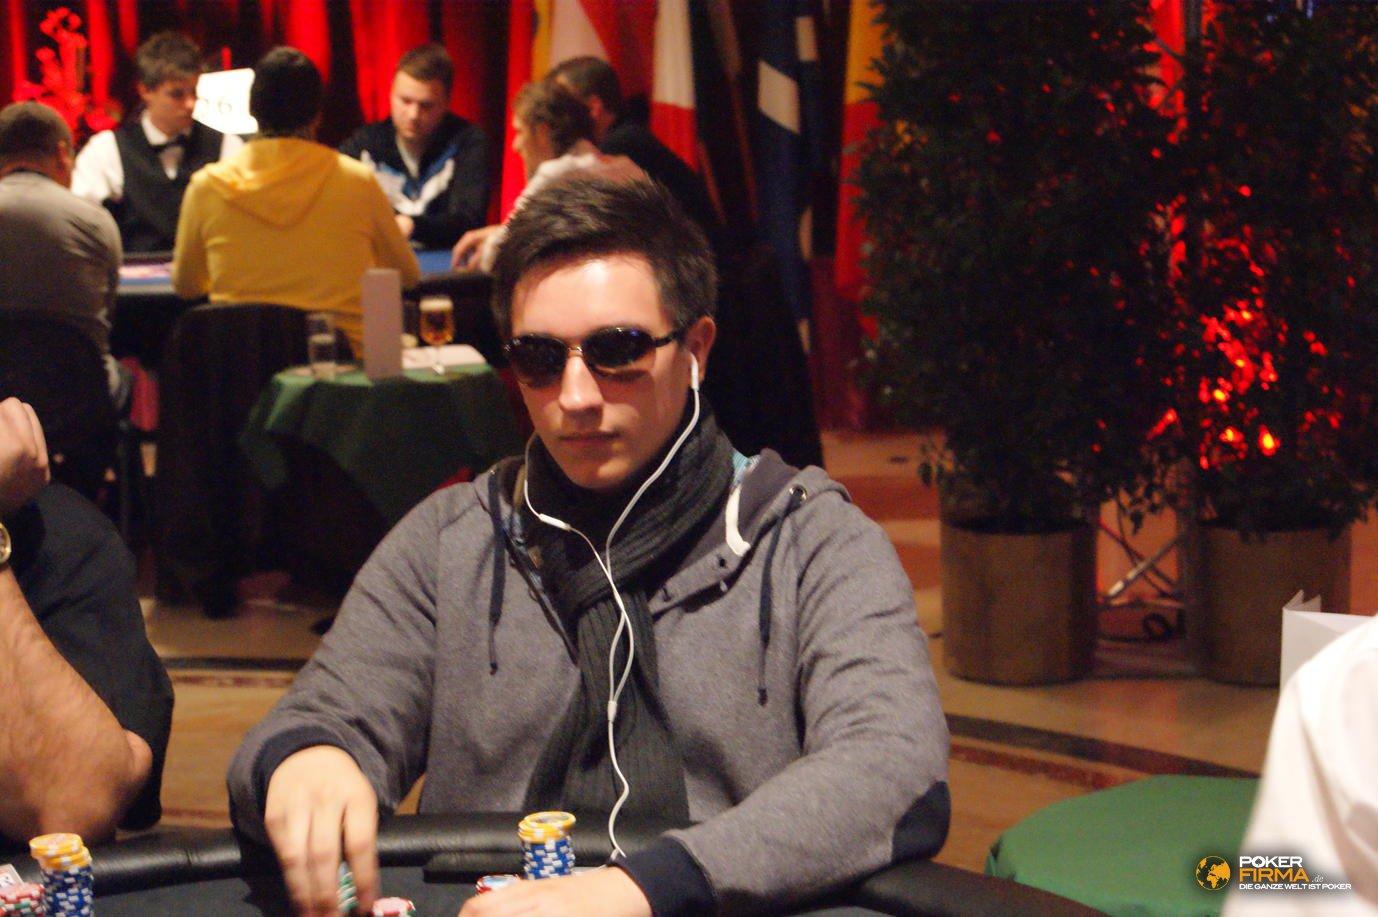 Poker_EM_2000_NLH_251011_Gerald_Karlic